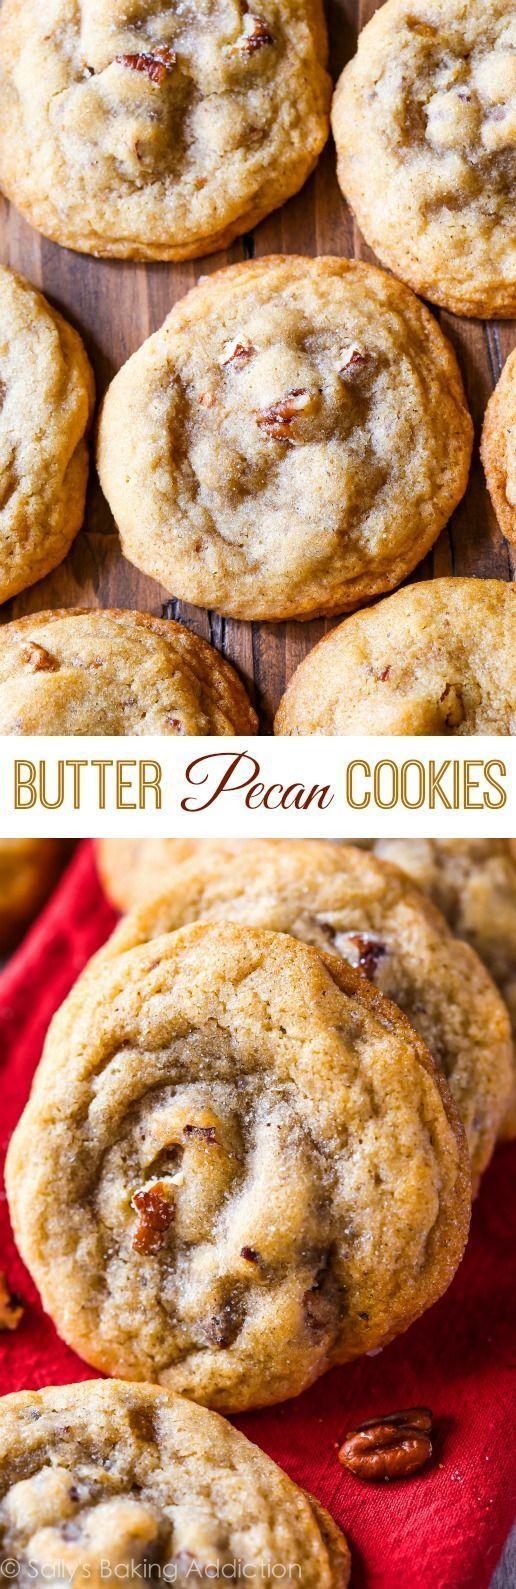 ... Butter Pecan Cookies on Pinterest | Pecan Cookies, Butter Pecan and